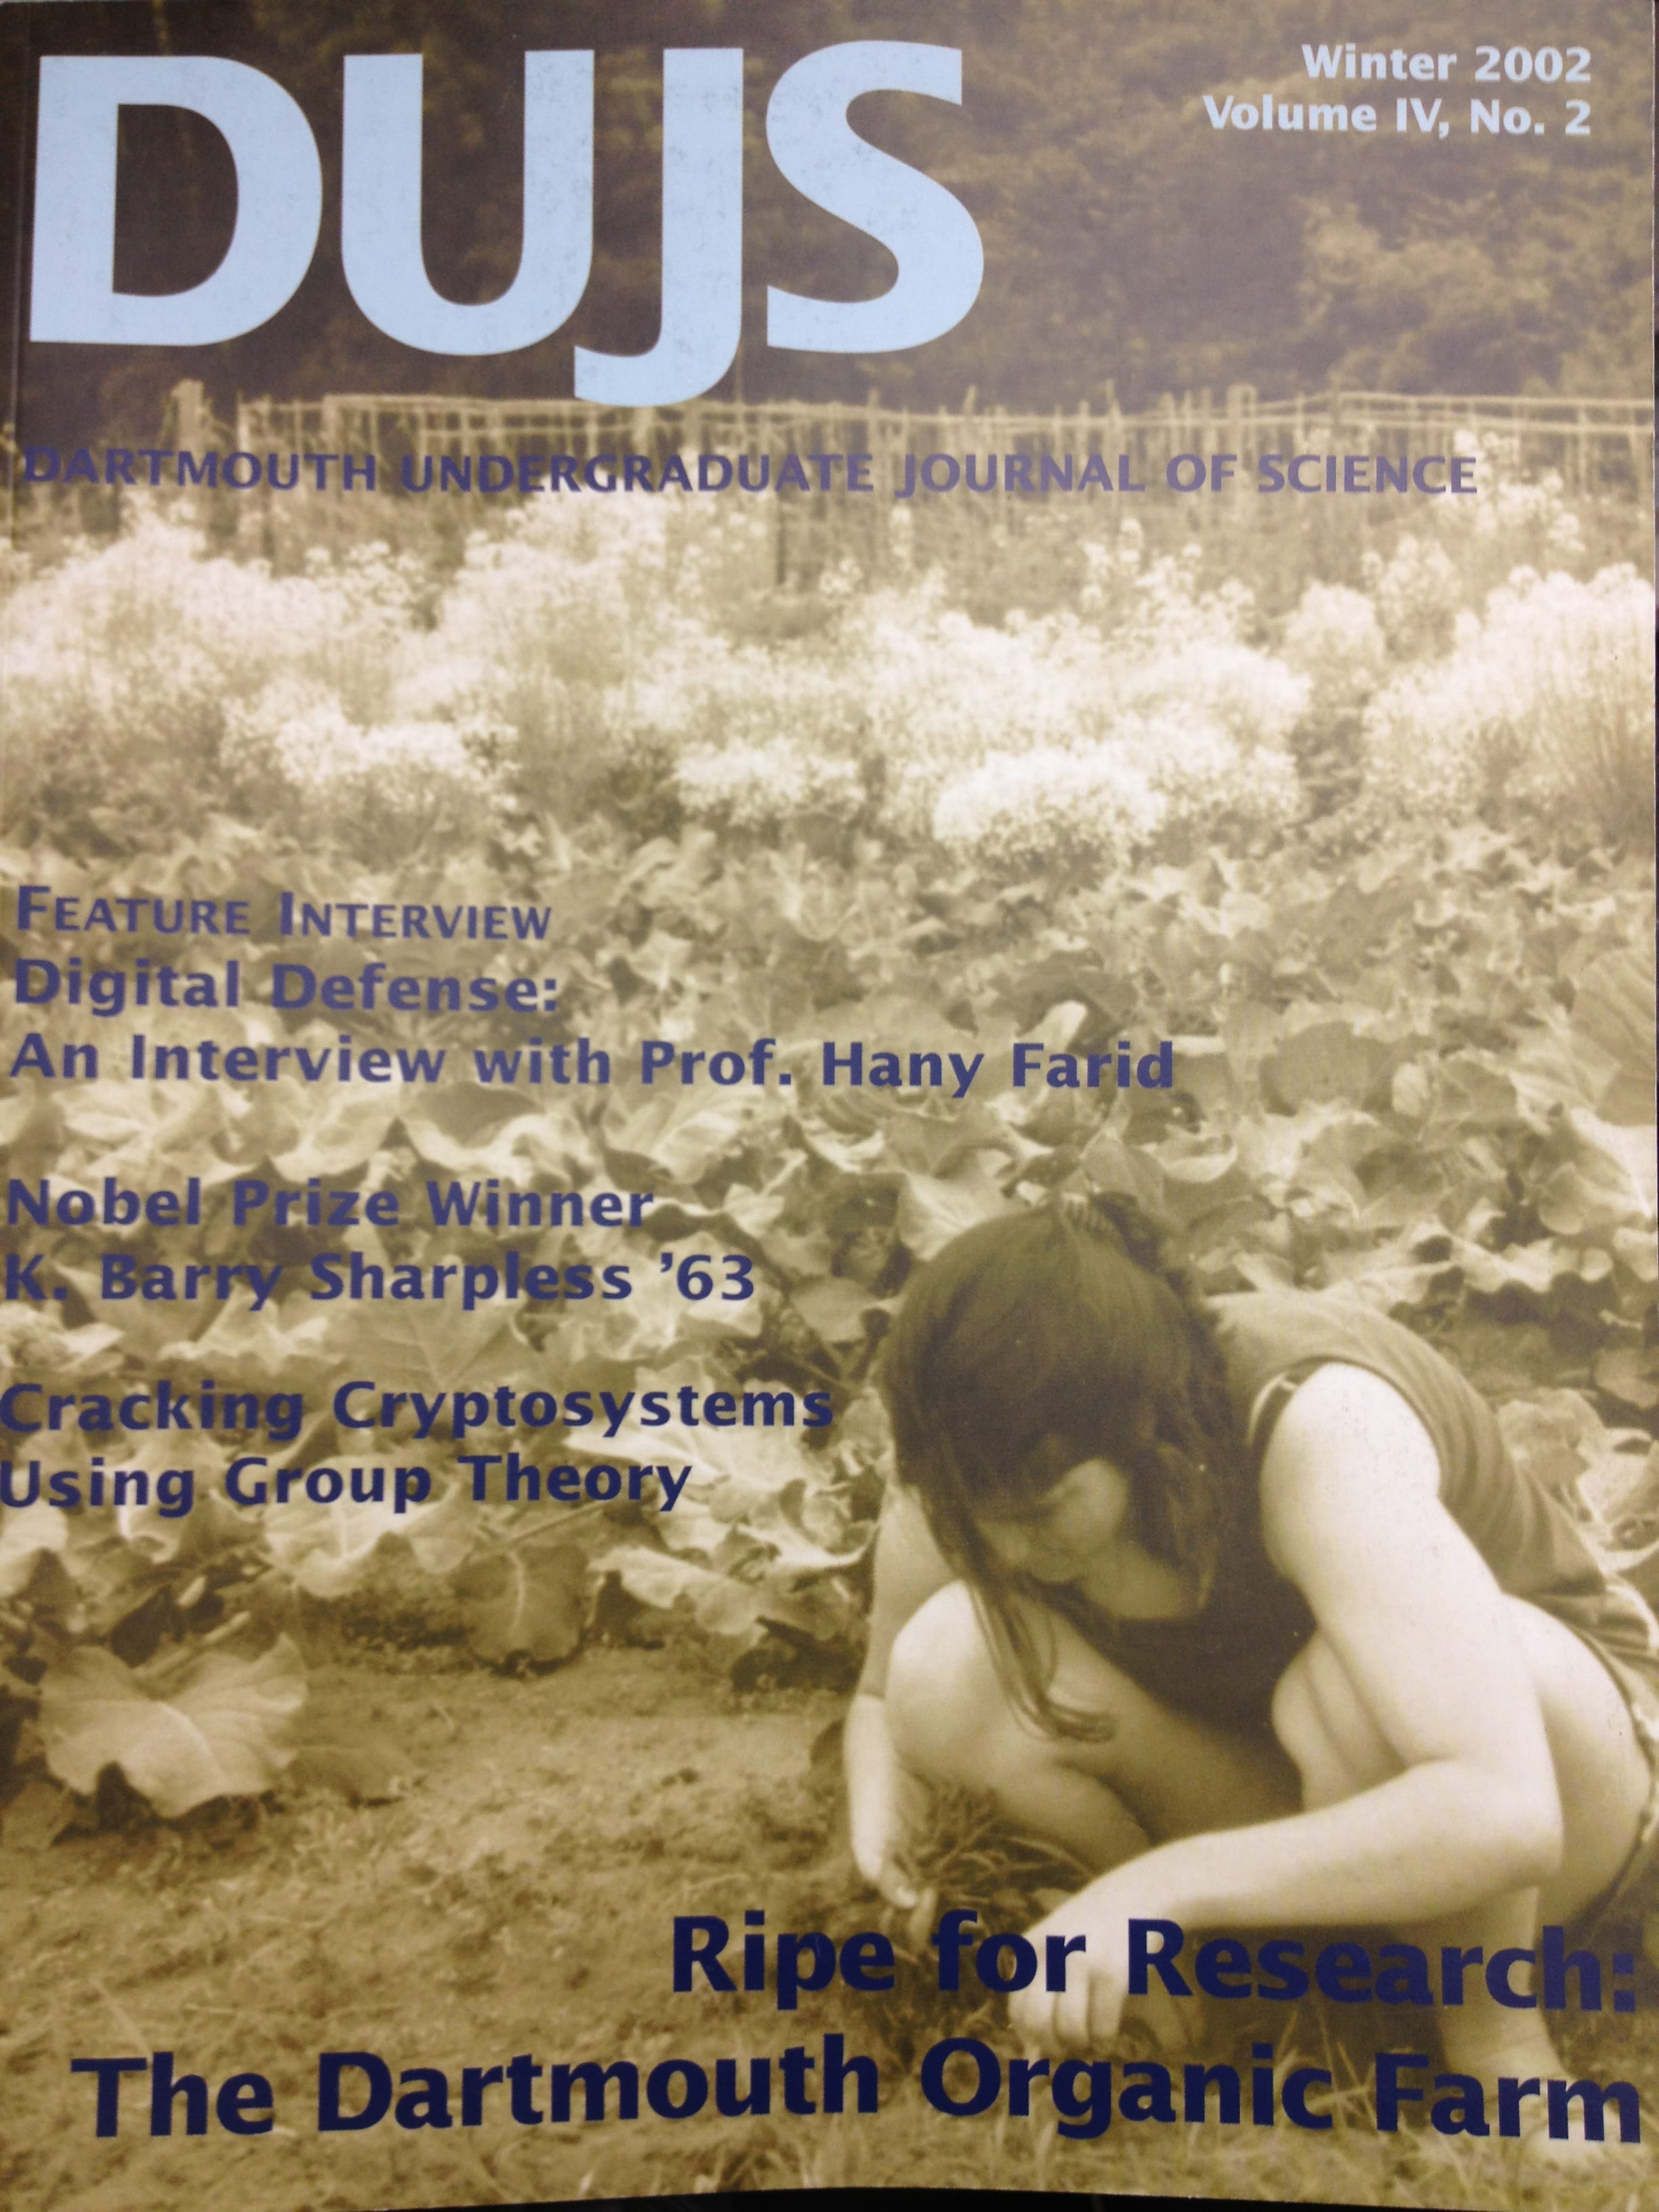 Winter 2002 Cover